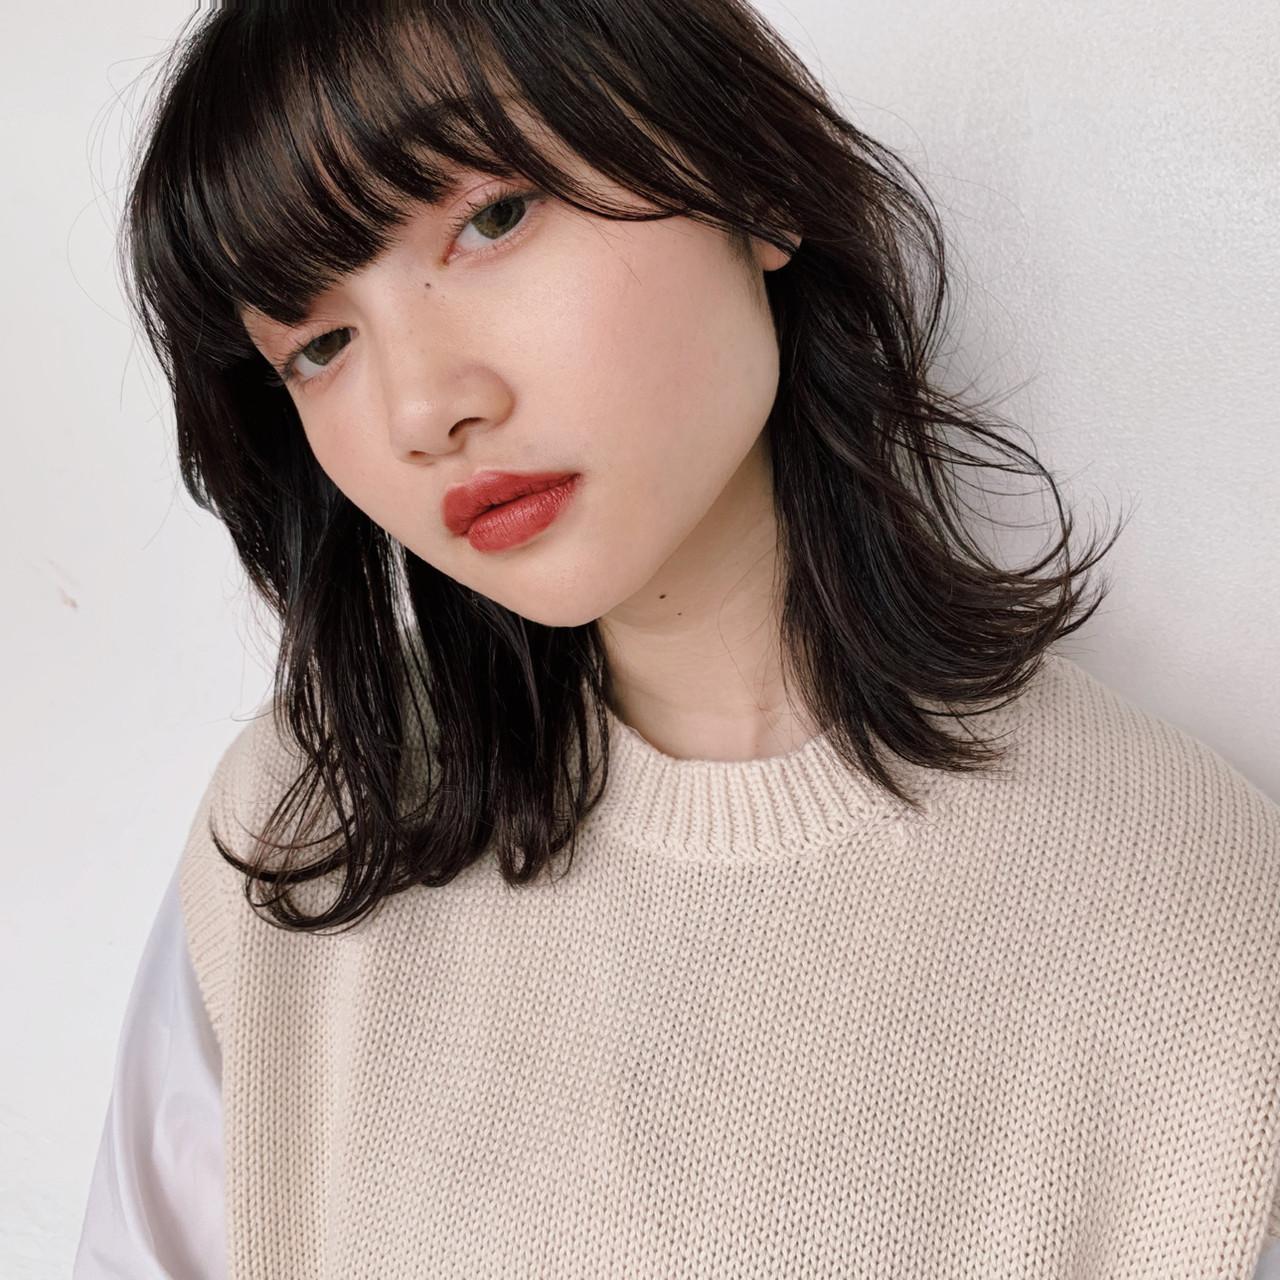 ミディアム 透明感 デート アンニュイほつれヘア ヘアスタイルや髪型の写真・画像 | sena / GARDEN harajuku